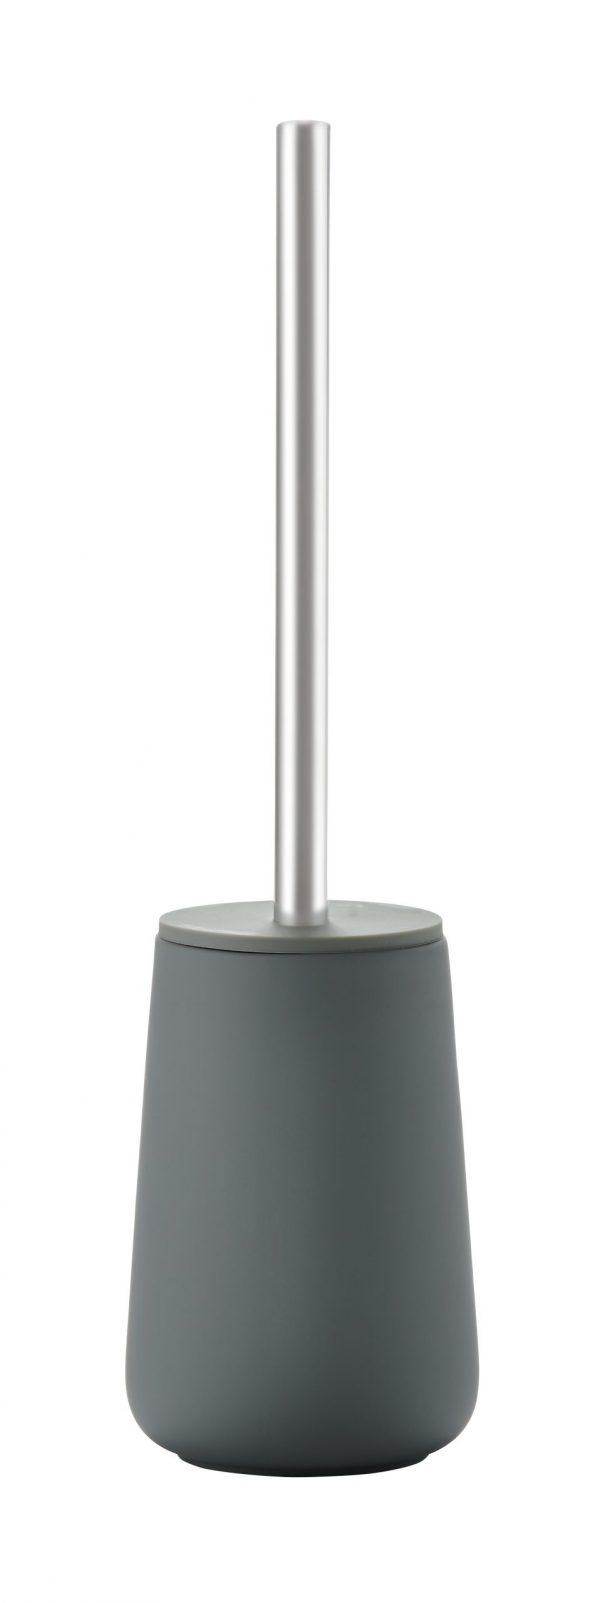 Zone - Nova Toilet Brush - Grey (330108)